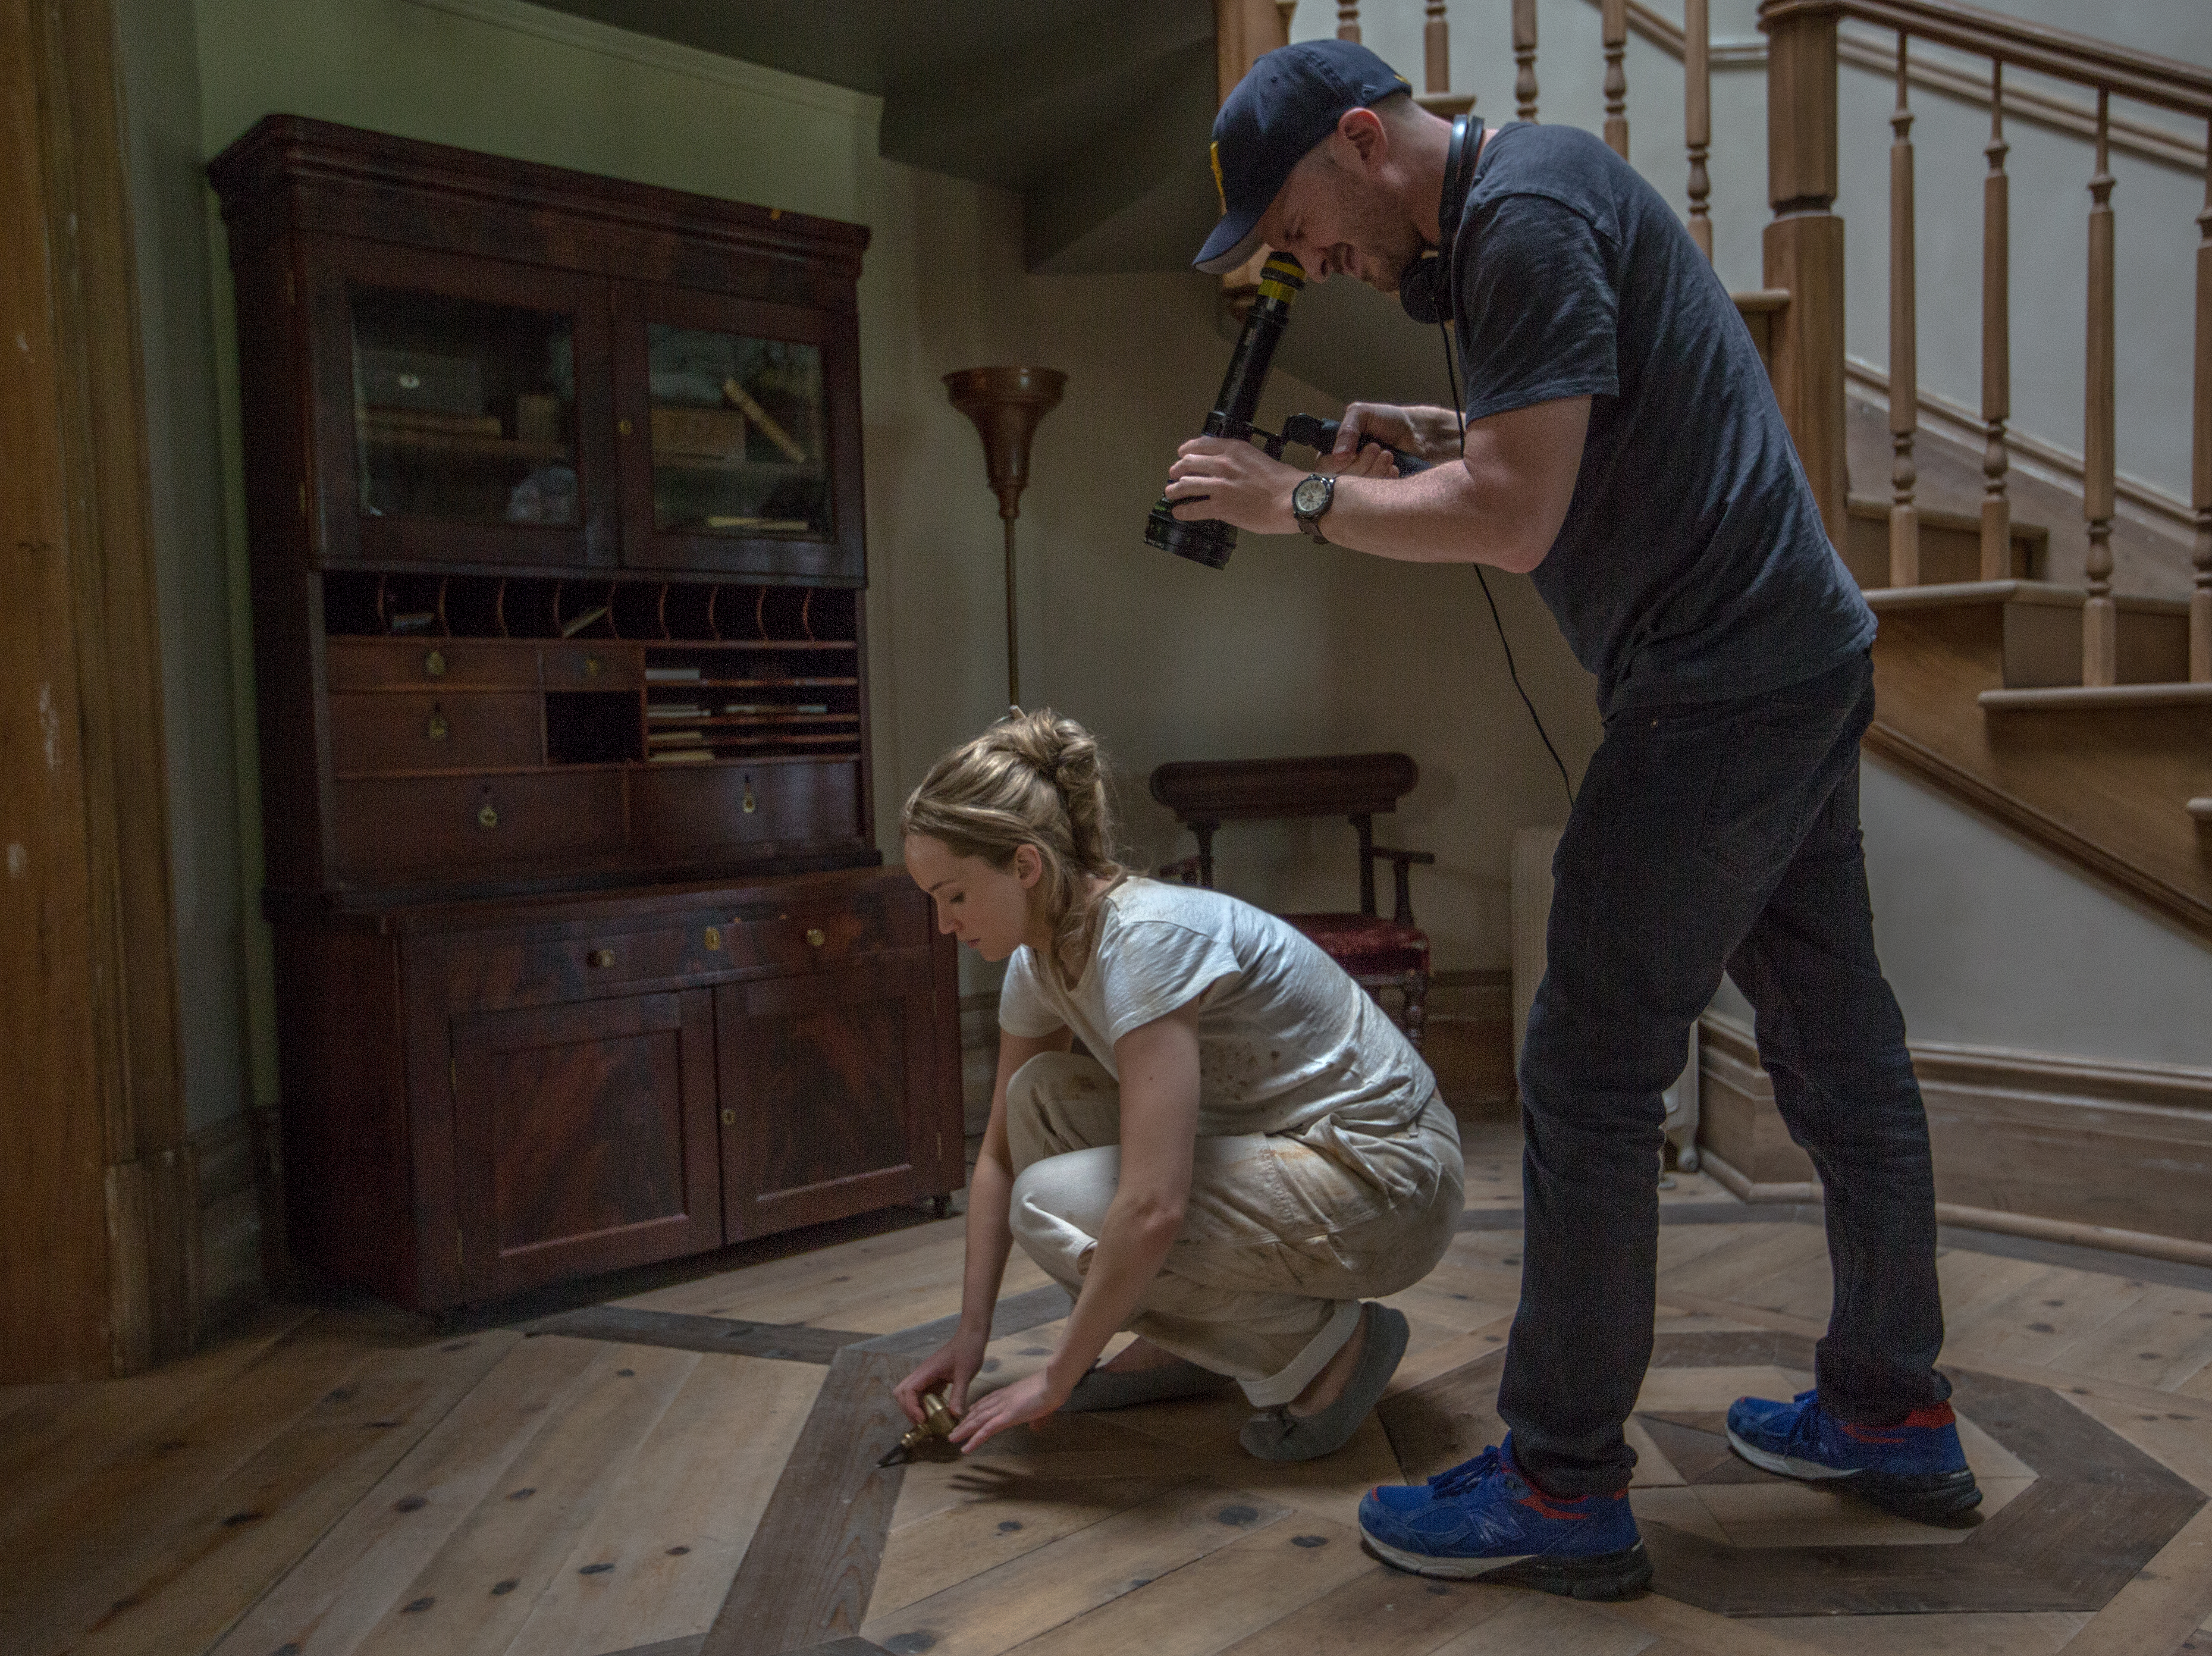 Cena de bastidores de Mãe!, ou mother!. Jennifer Lawrence é filmada de perto por Darren Aronofsky, que está com uma câmera nas mãos.